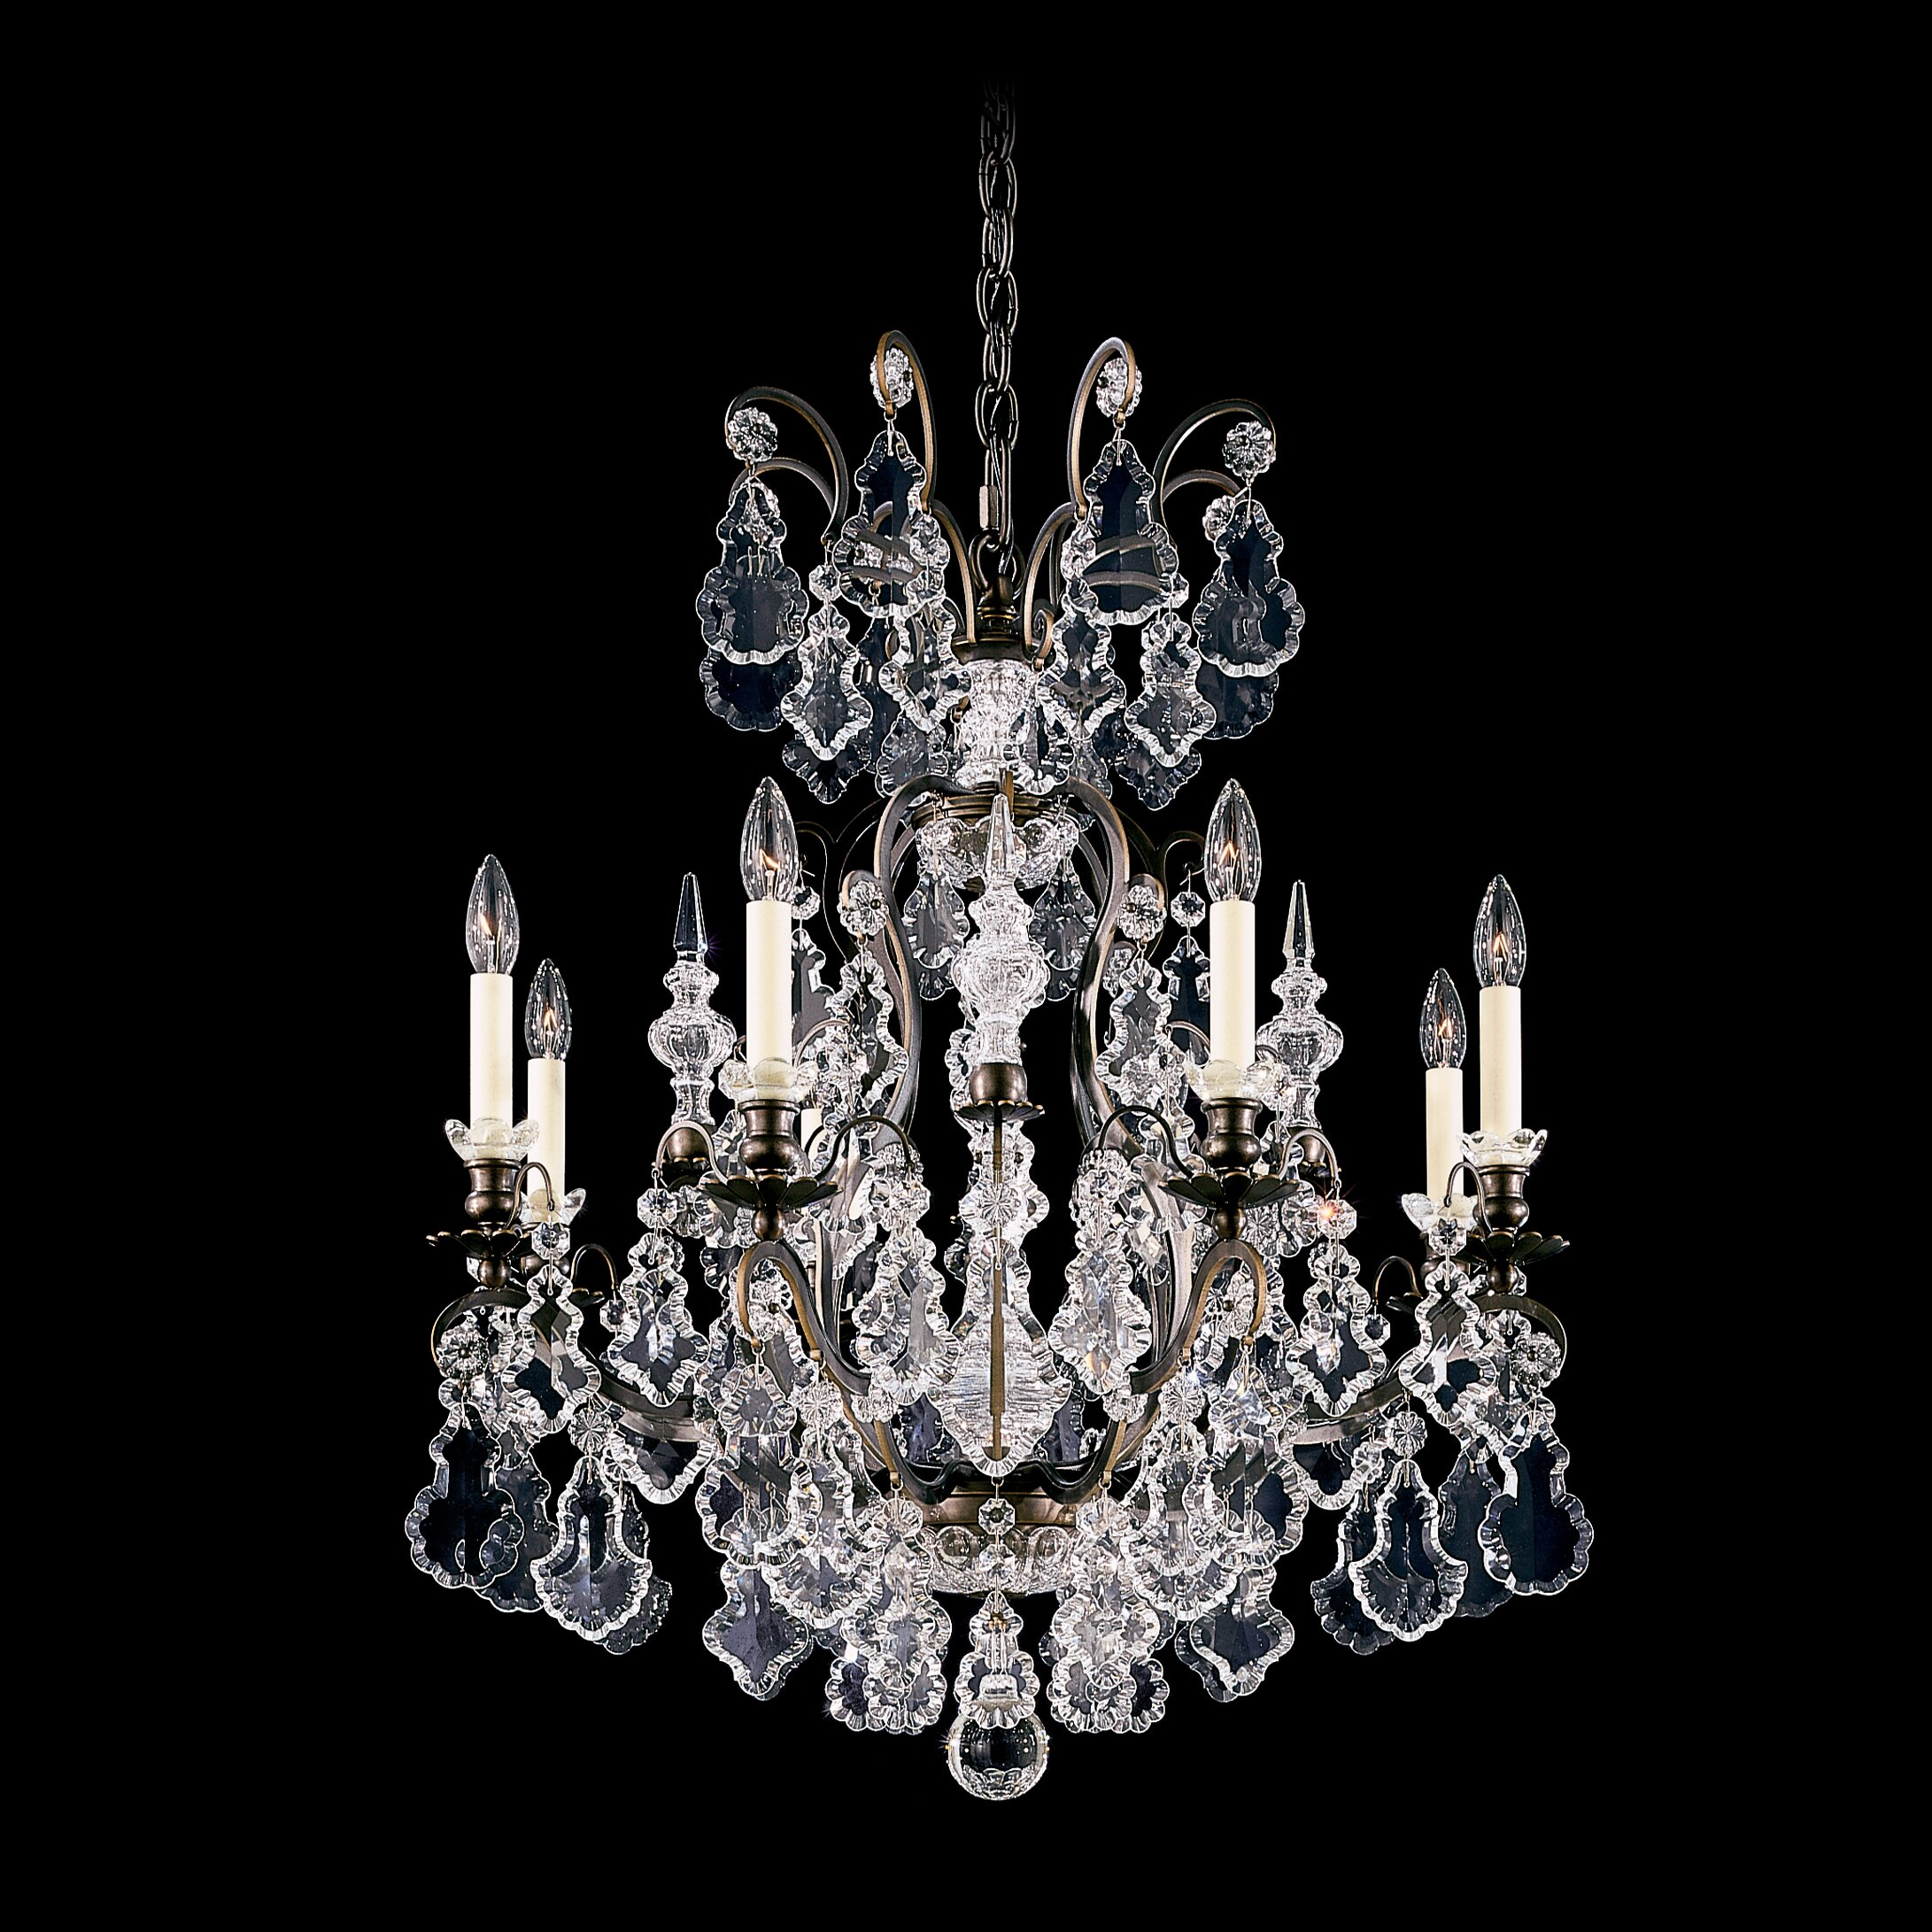 Chandelier Schonbek Schonbek 2996 Sterling 9 Light Up